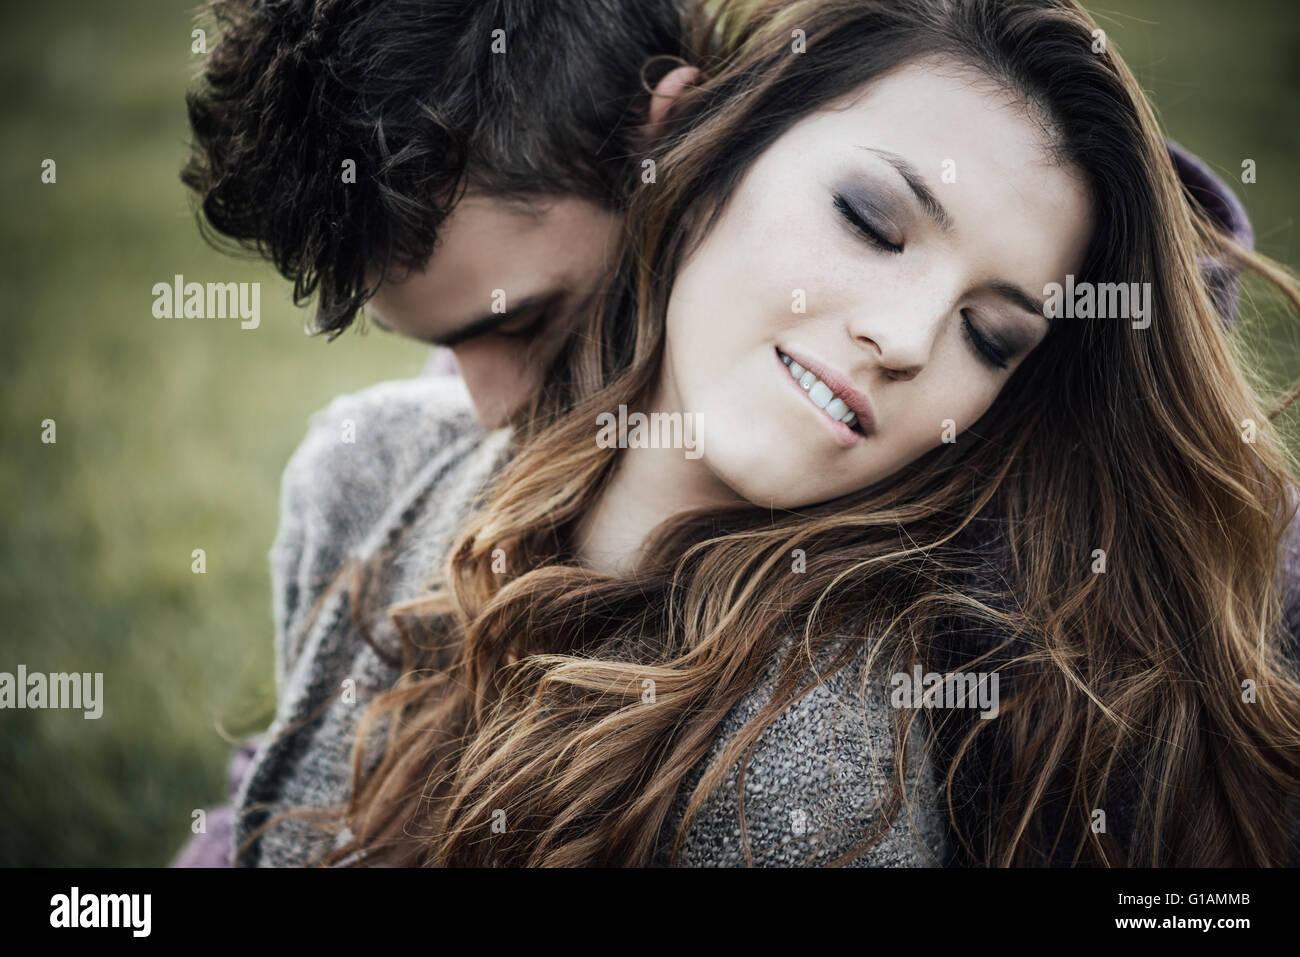 Couple romantique en plein air, ils sont assis sur l'herbe et s'étreindre, il est mordant sa lèvre Photo Stock